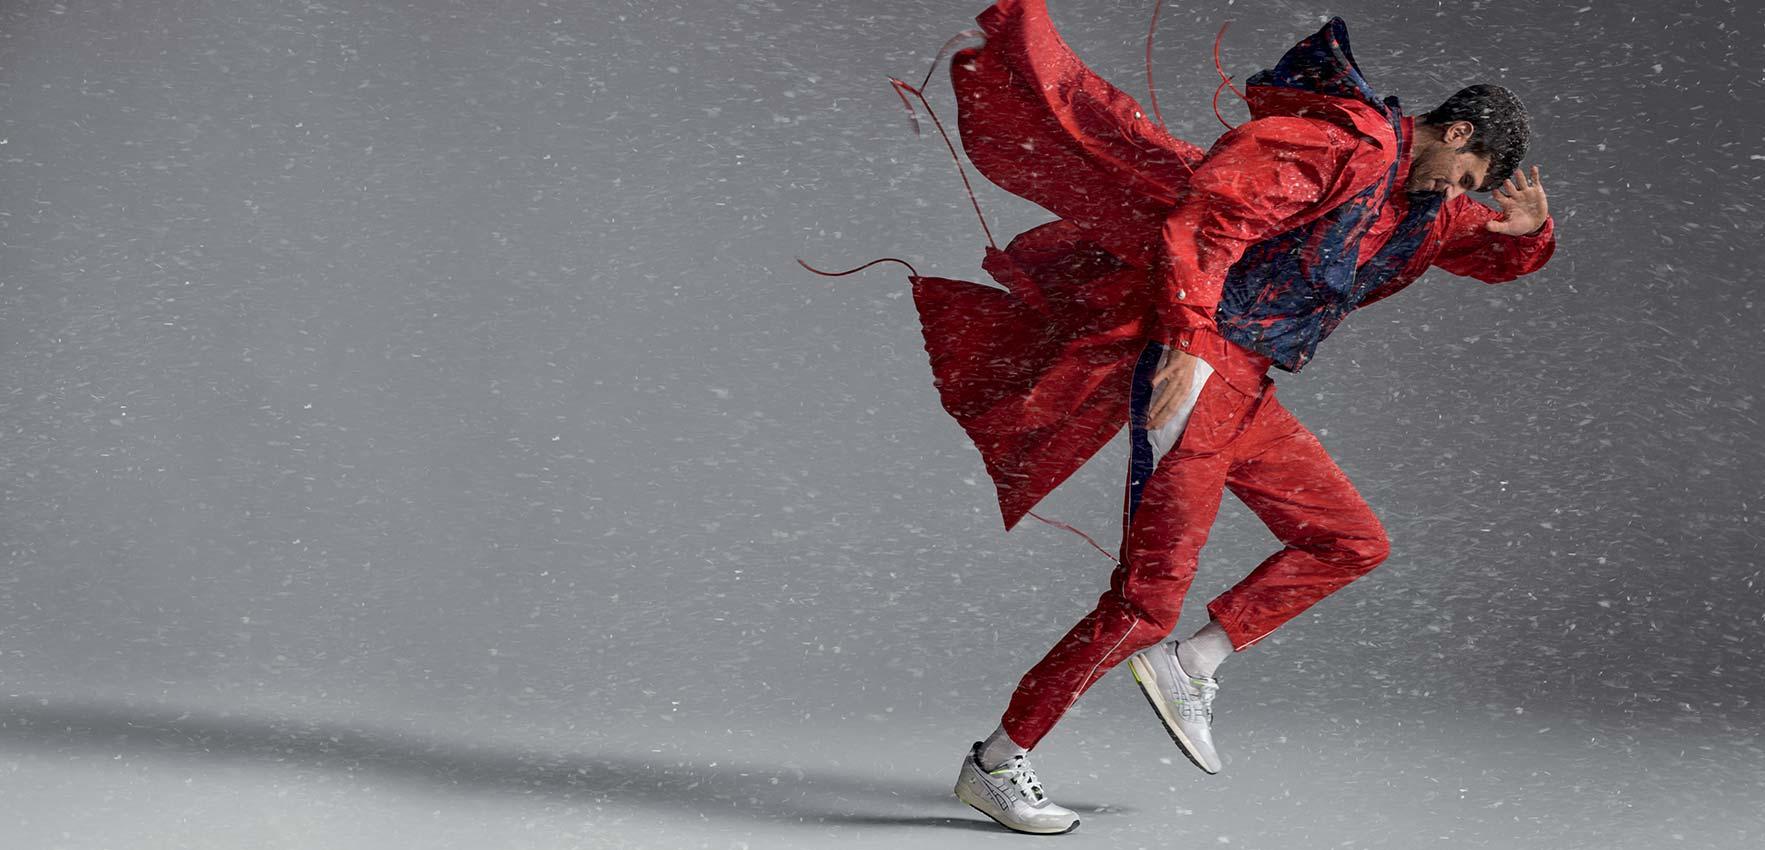 Lacoste x Novak Djokovic: always move forward.